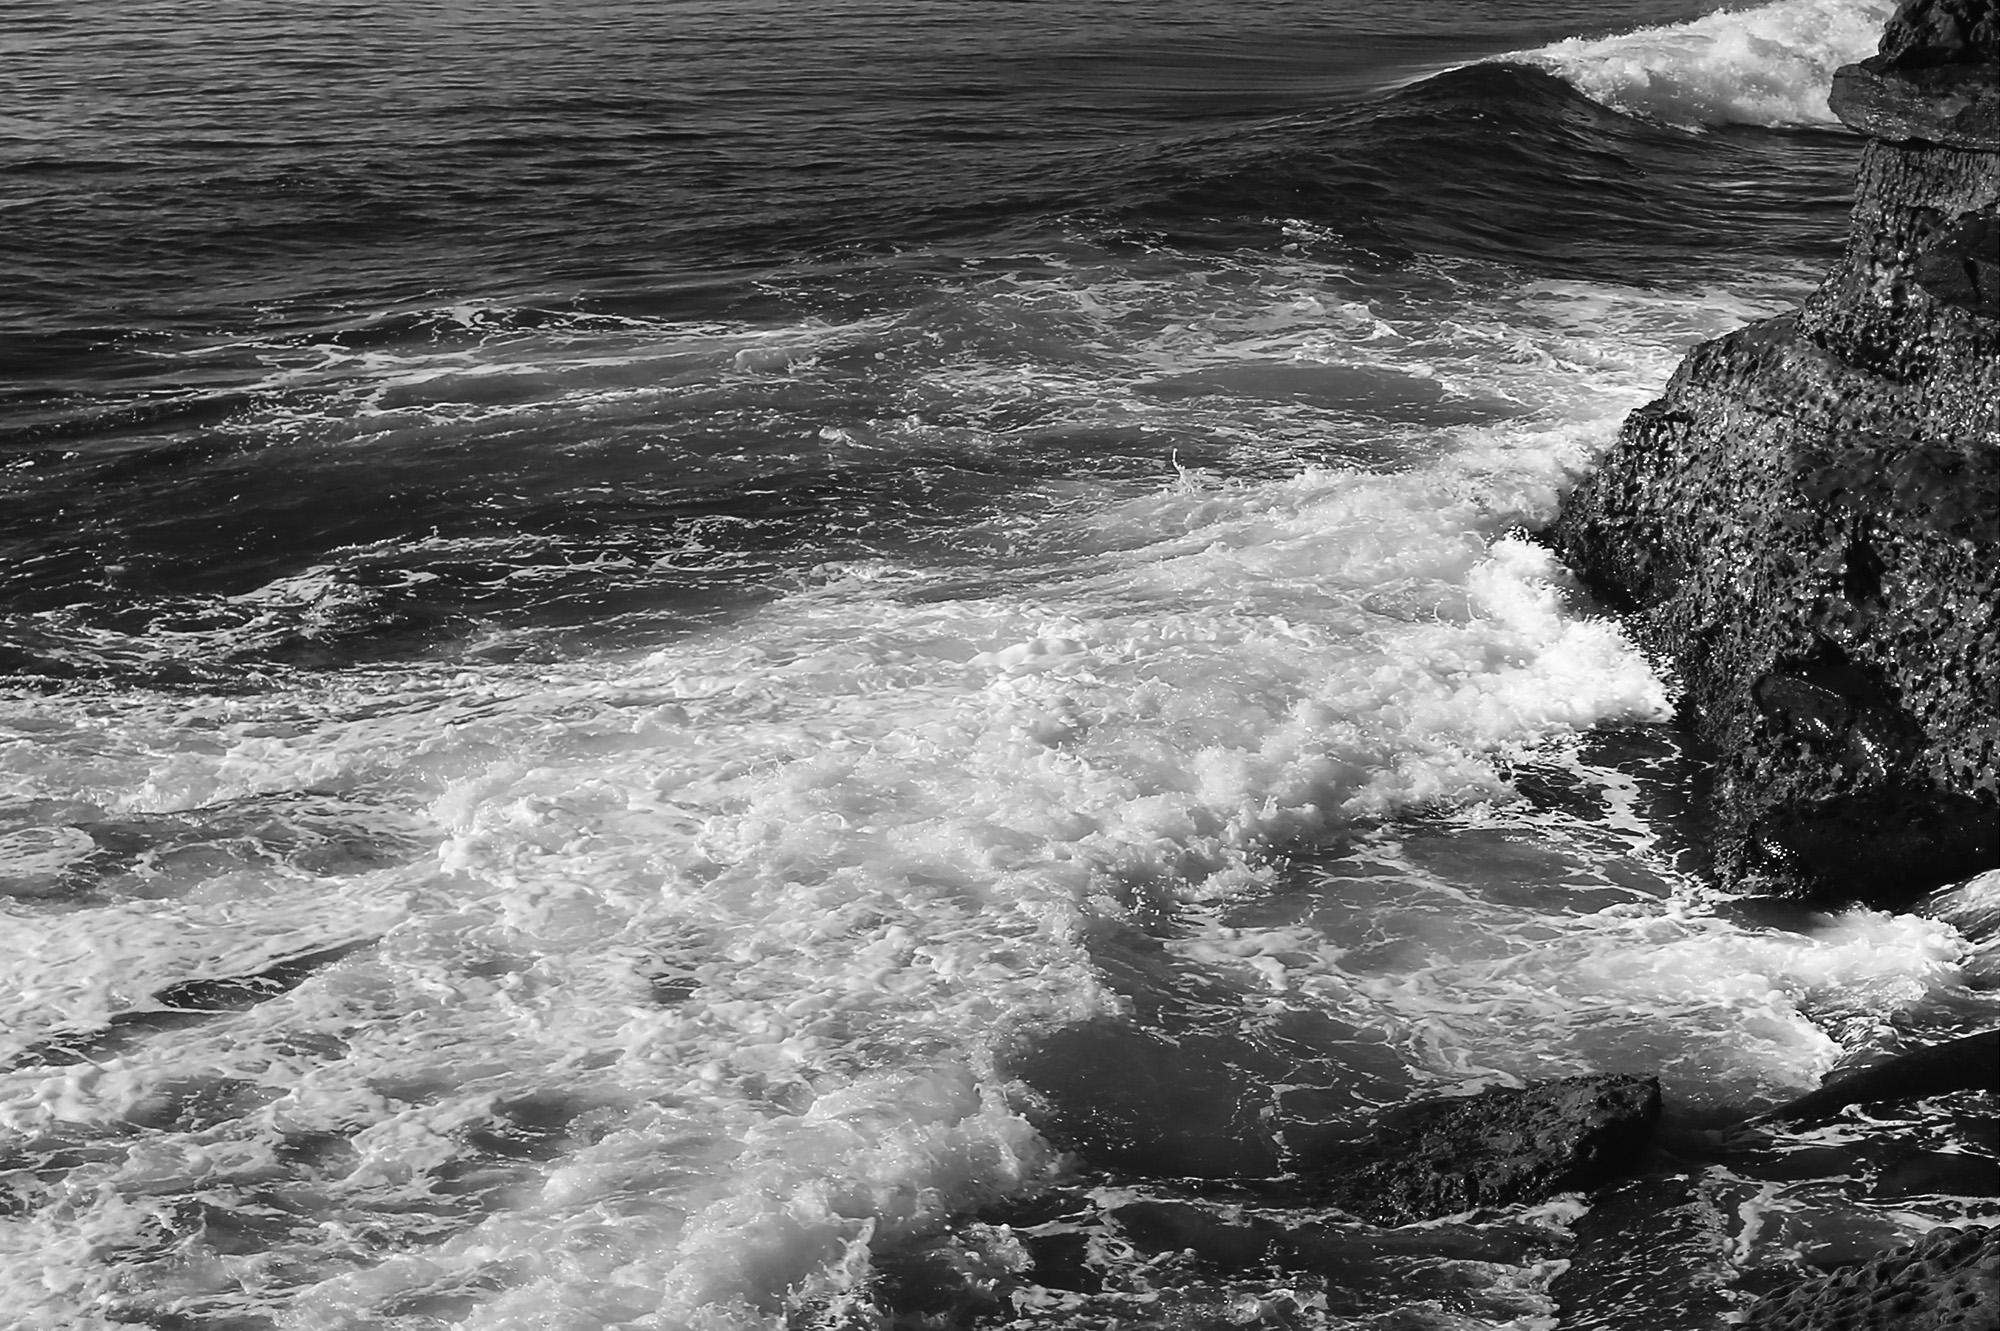 La Jolla Waves by Rich J. Velasco